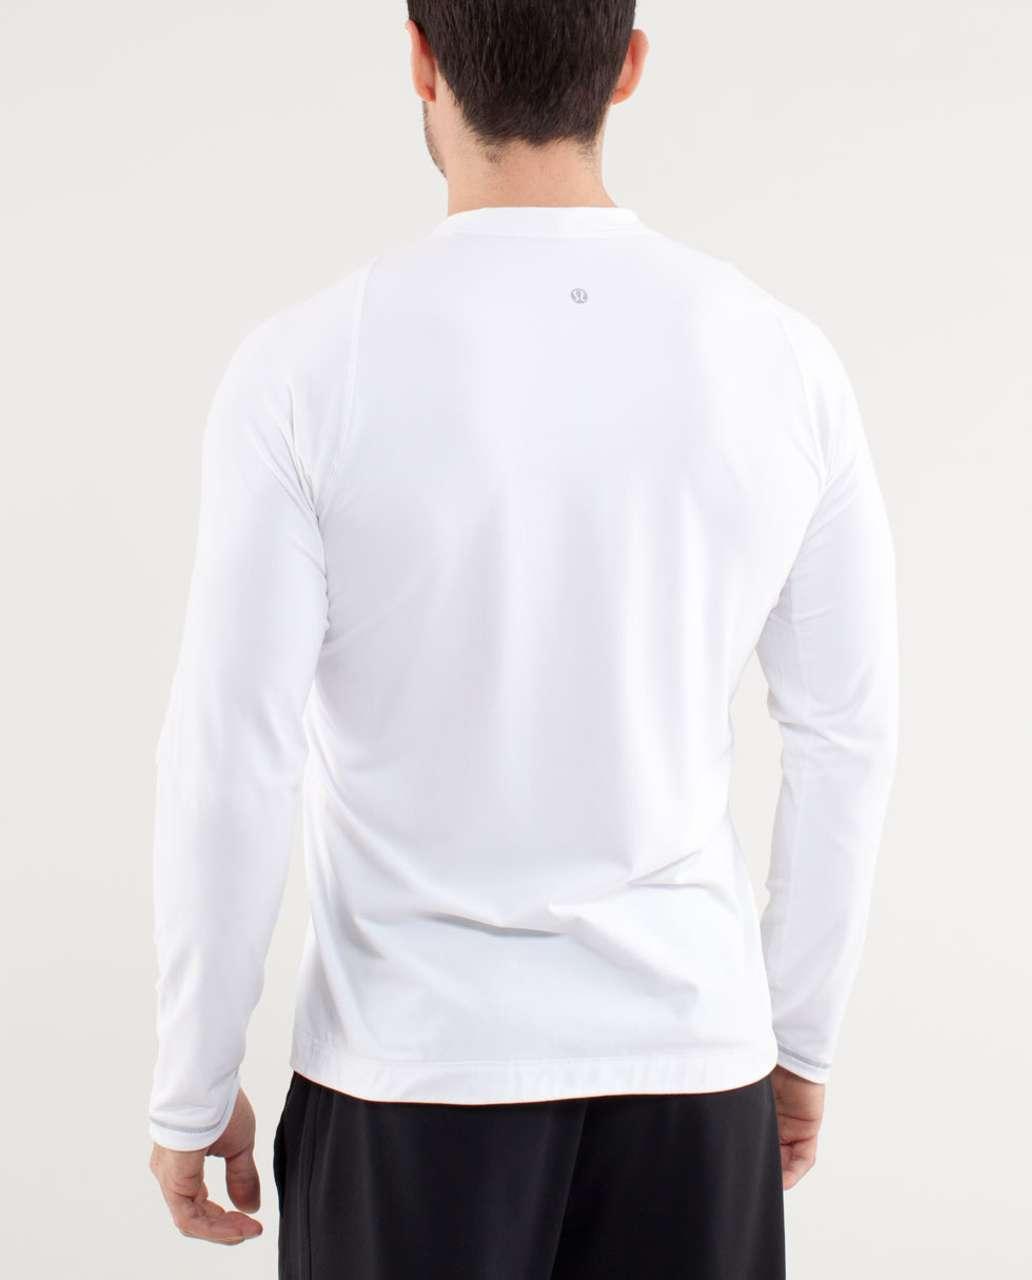 Lululemon Surge Long Sleeve - White